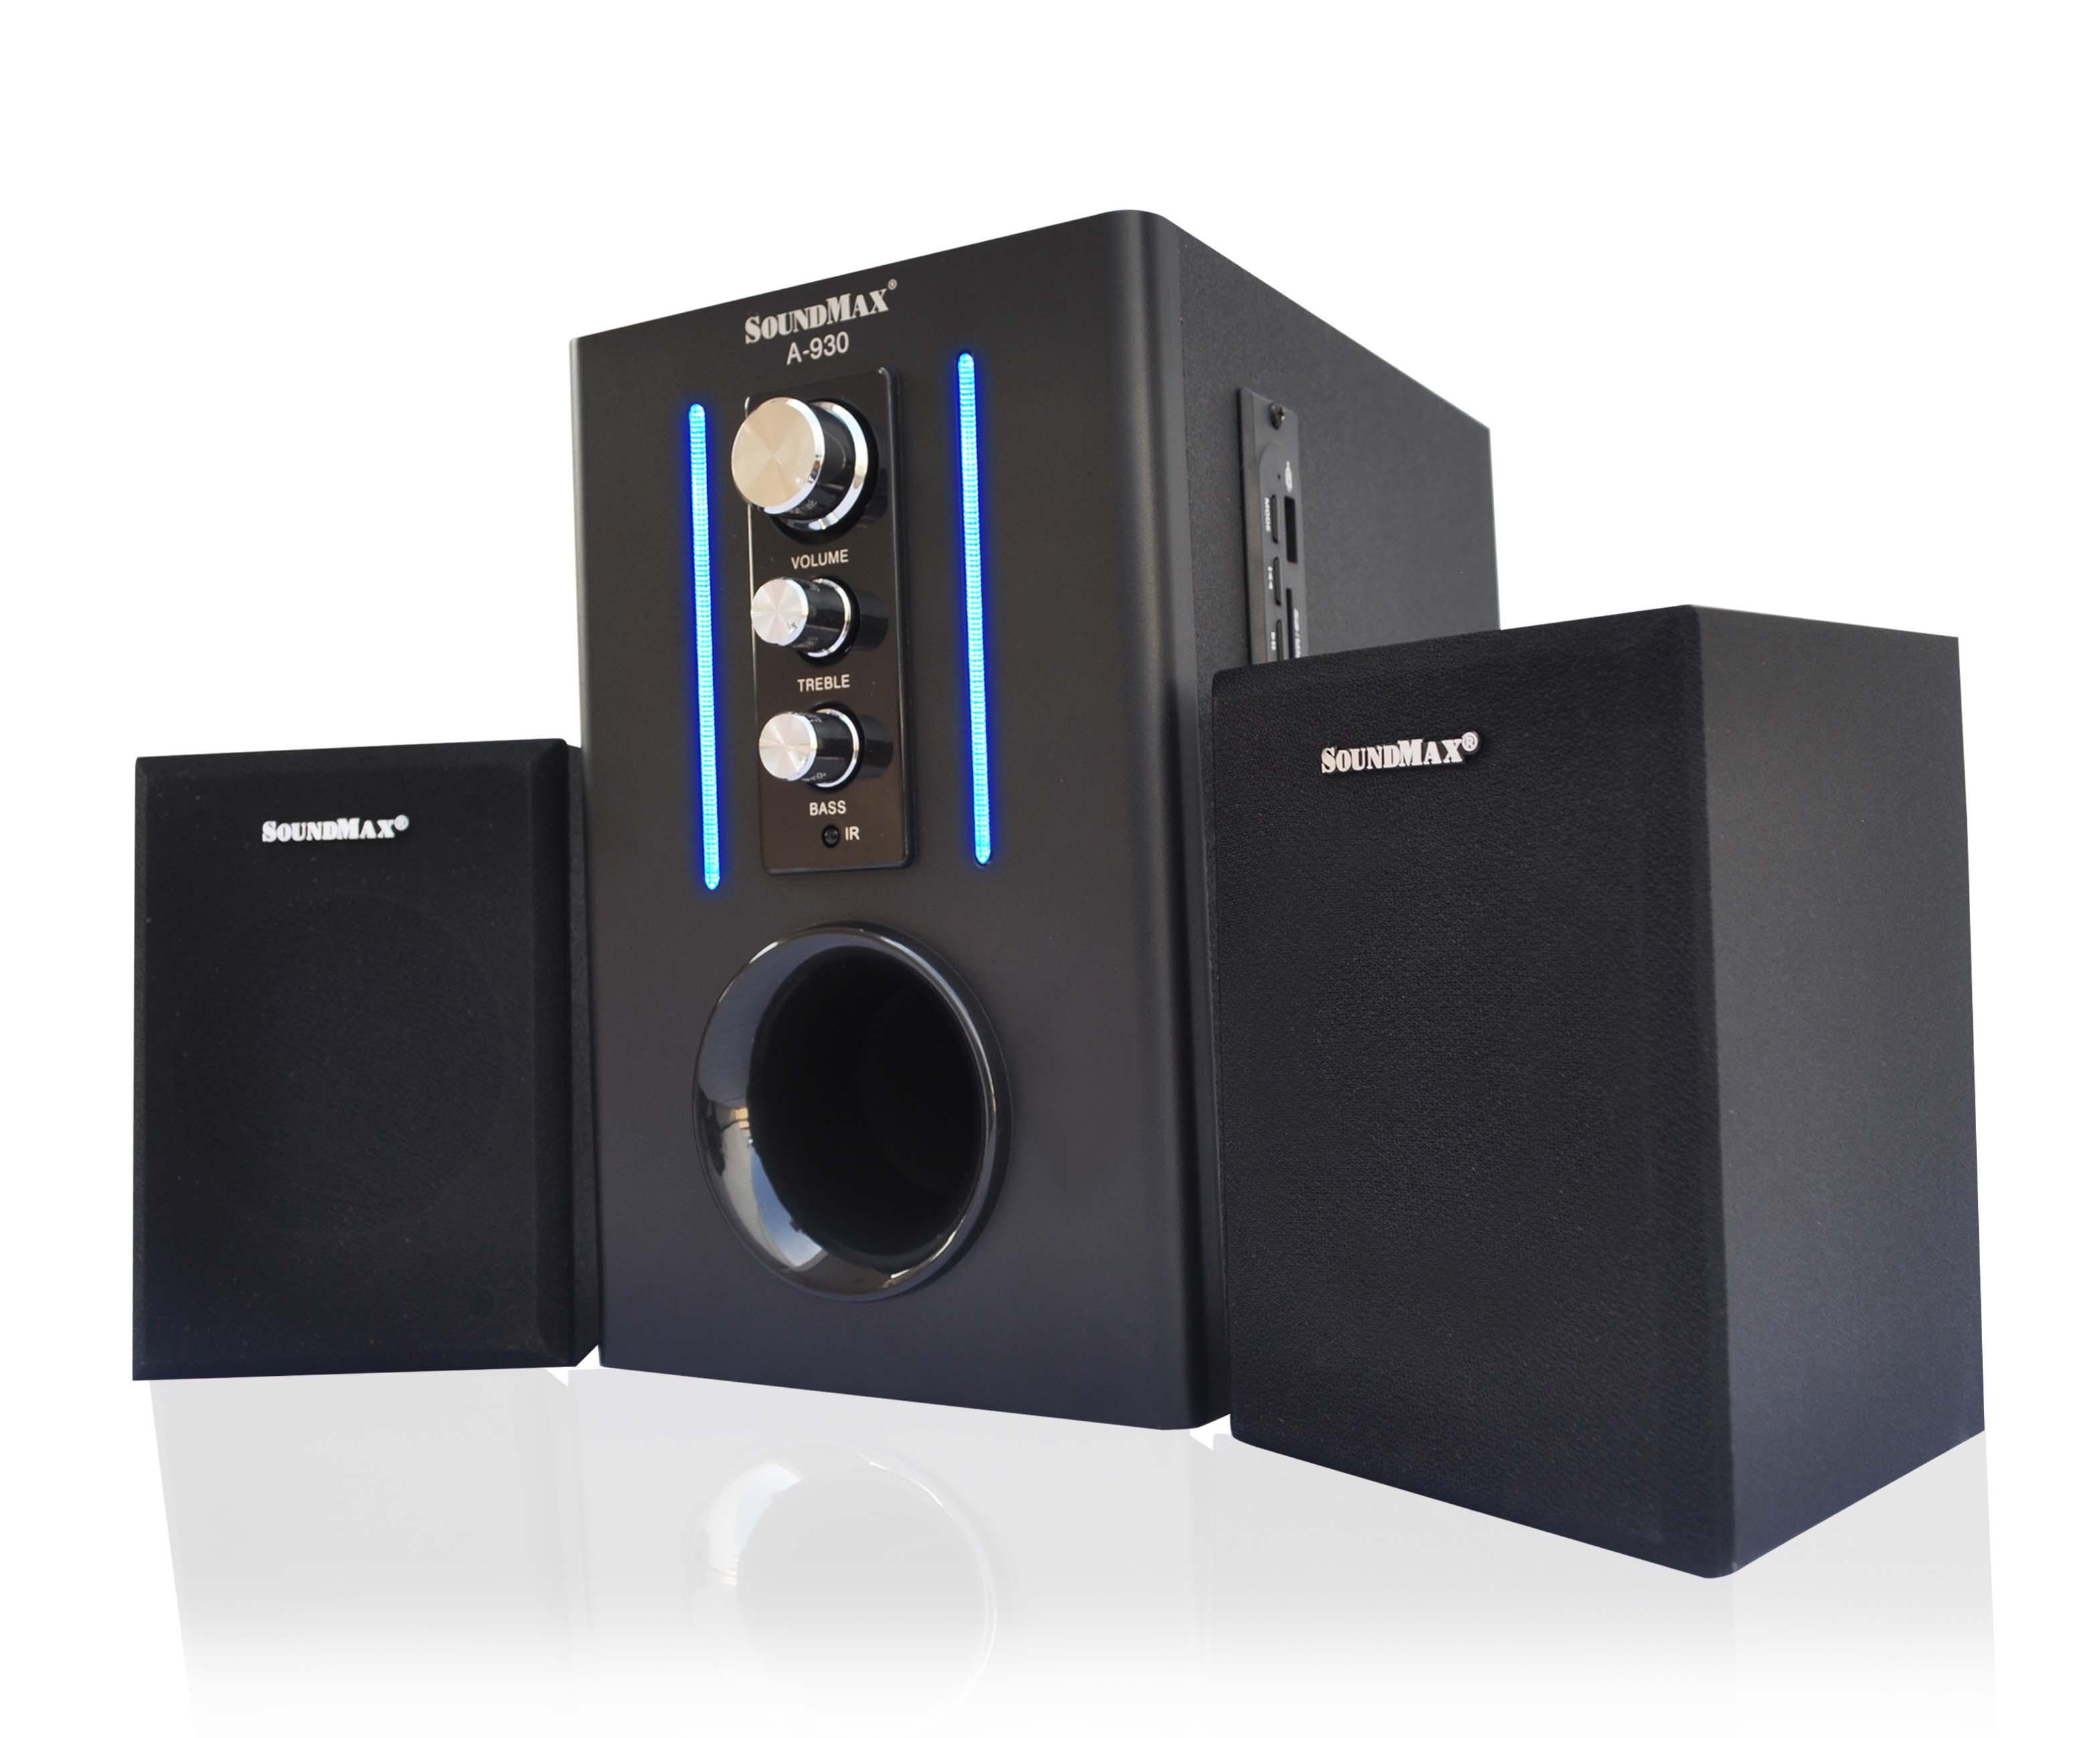 Loa SoundMax A930/2.1